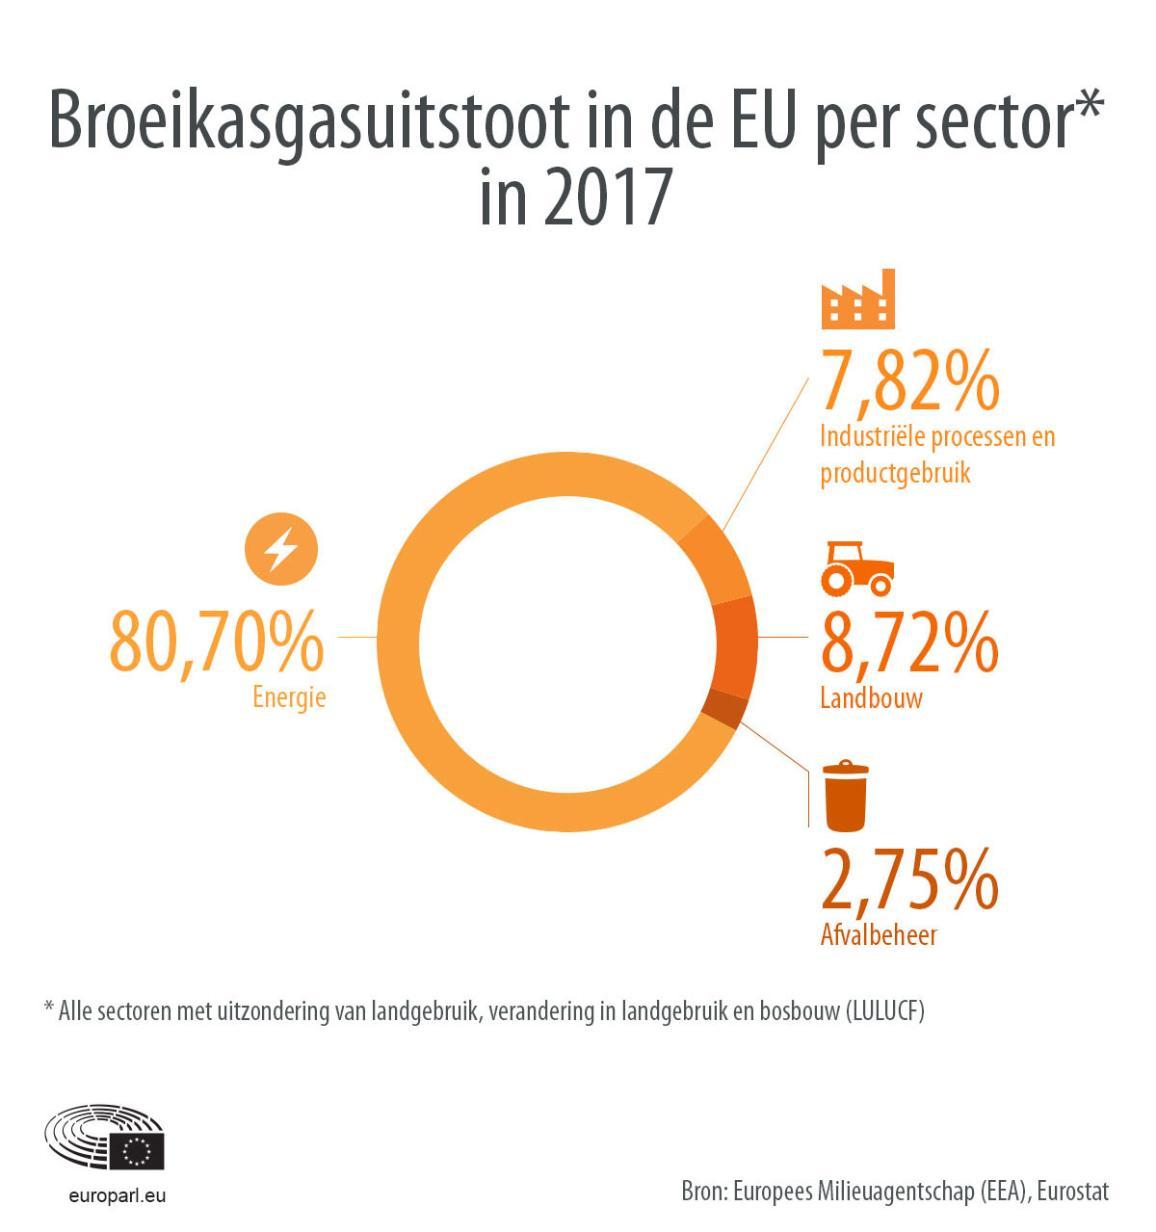 Infografiek met broeikasgasuitstoot per sector in de EU in 2017